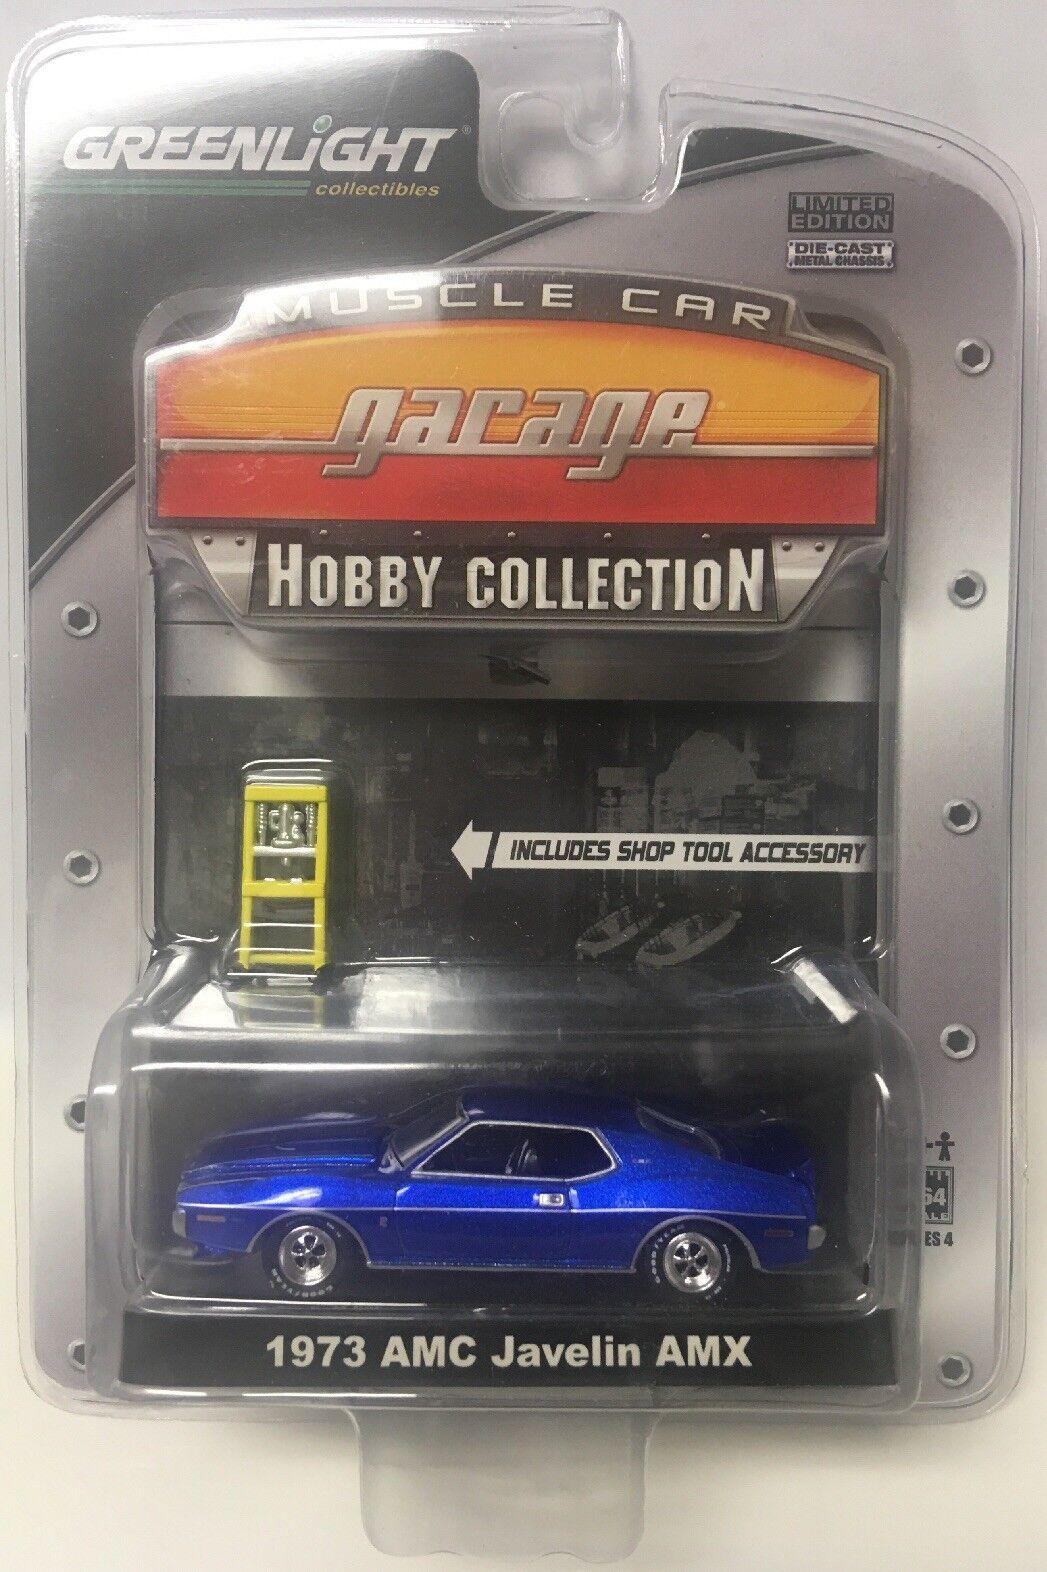 Grünlight mcg muscle - car garage hobby sammlung blauer 1973 amc speerwerfen historischen